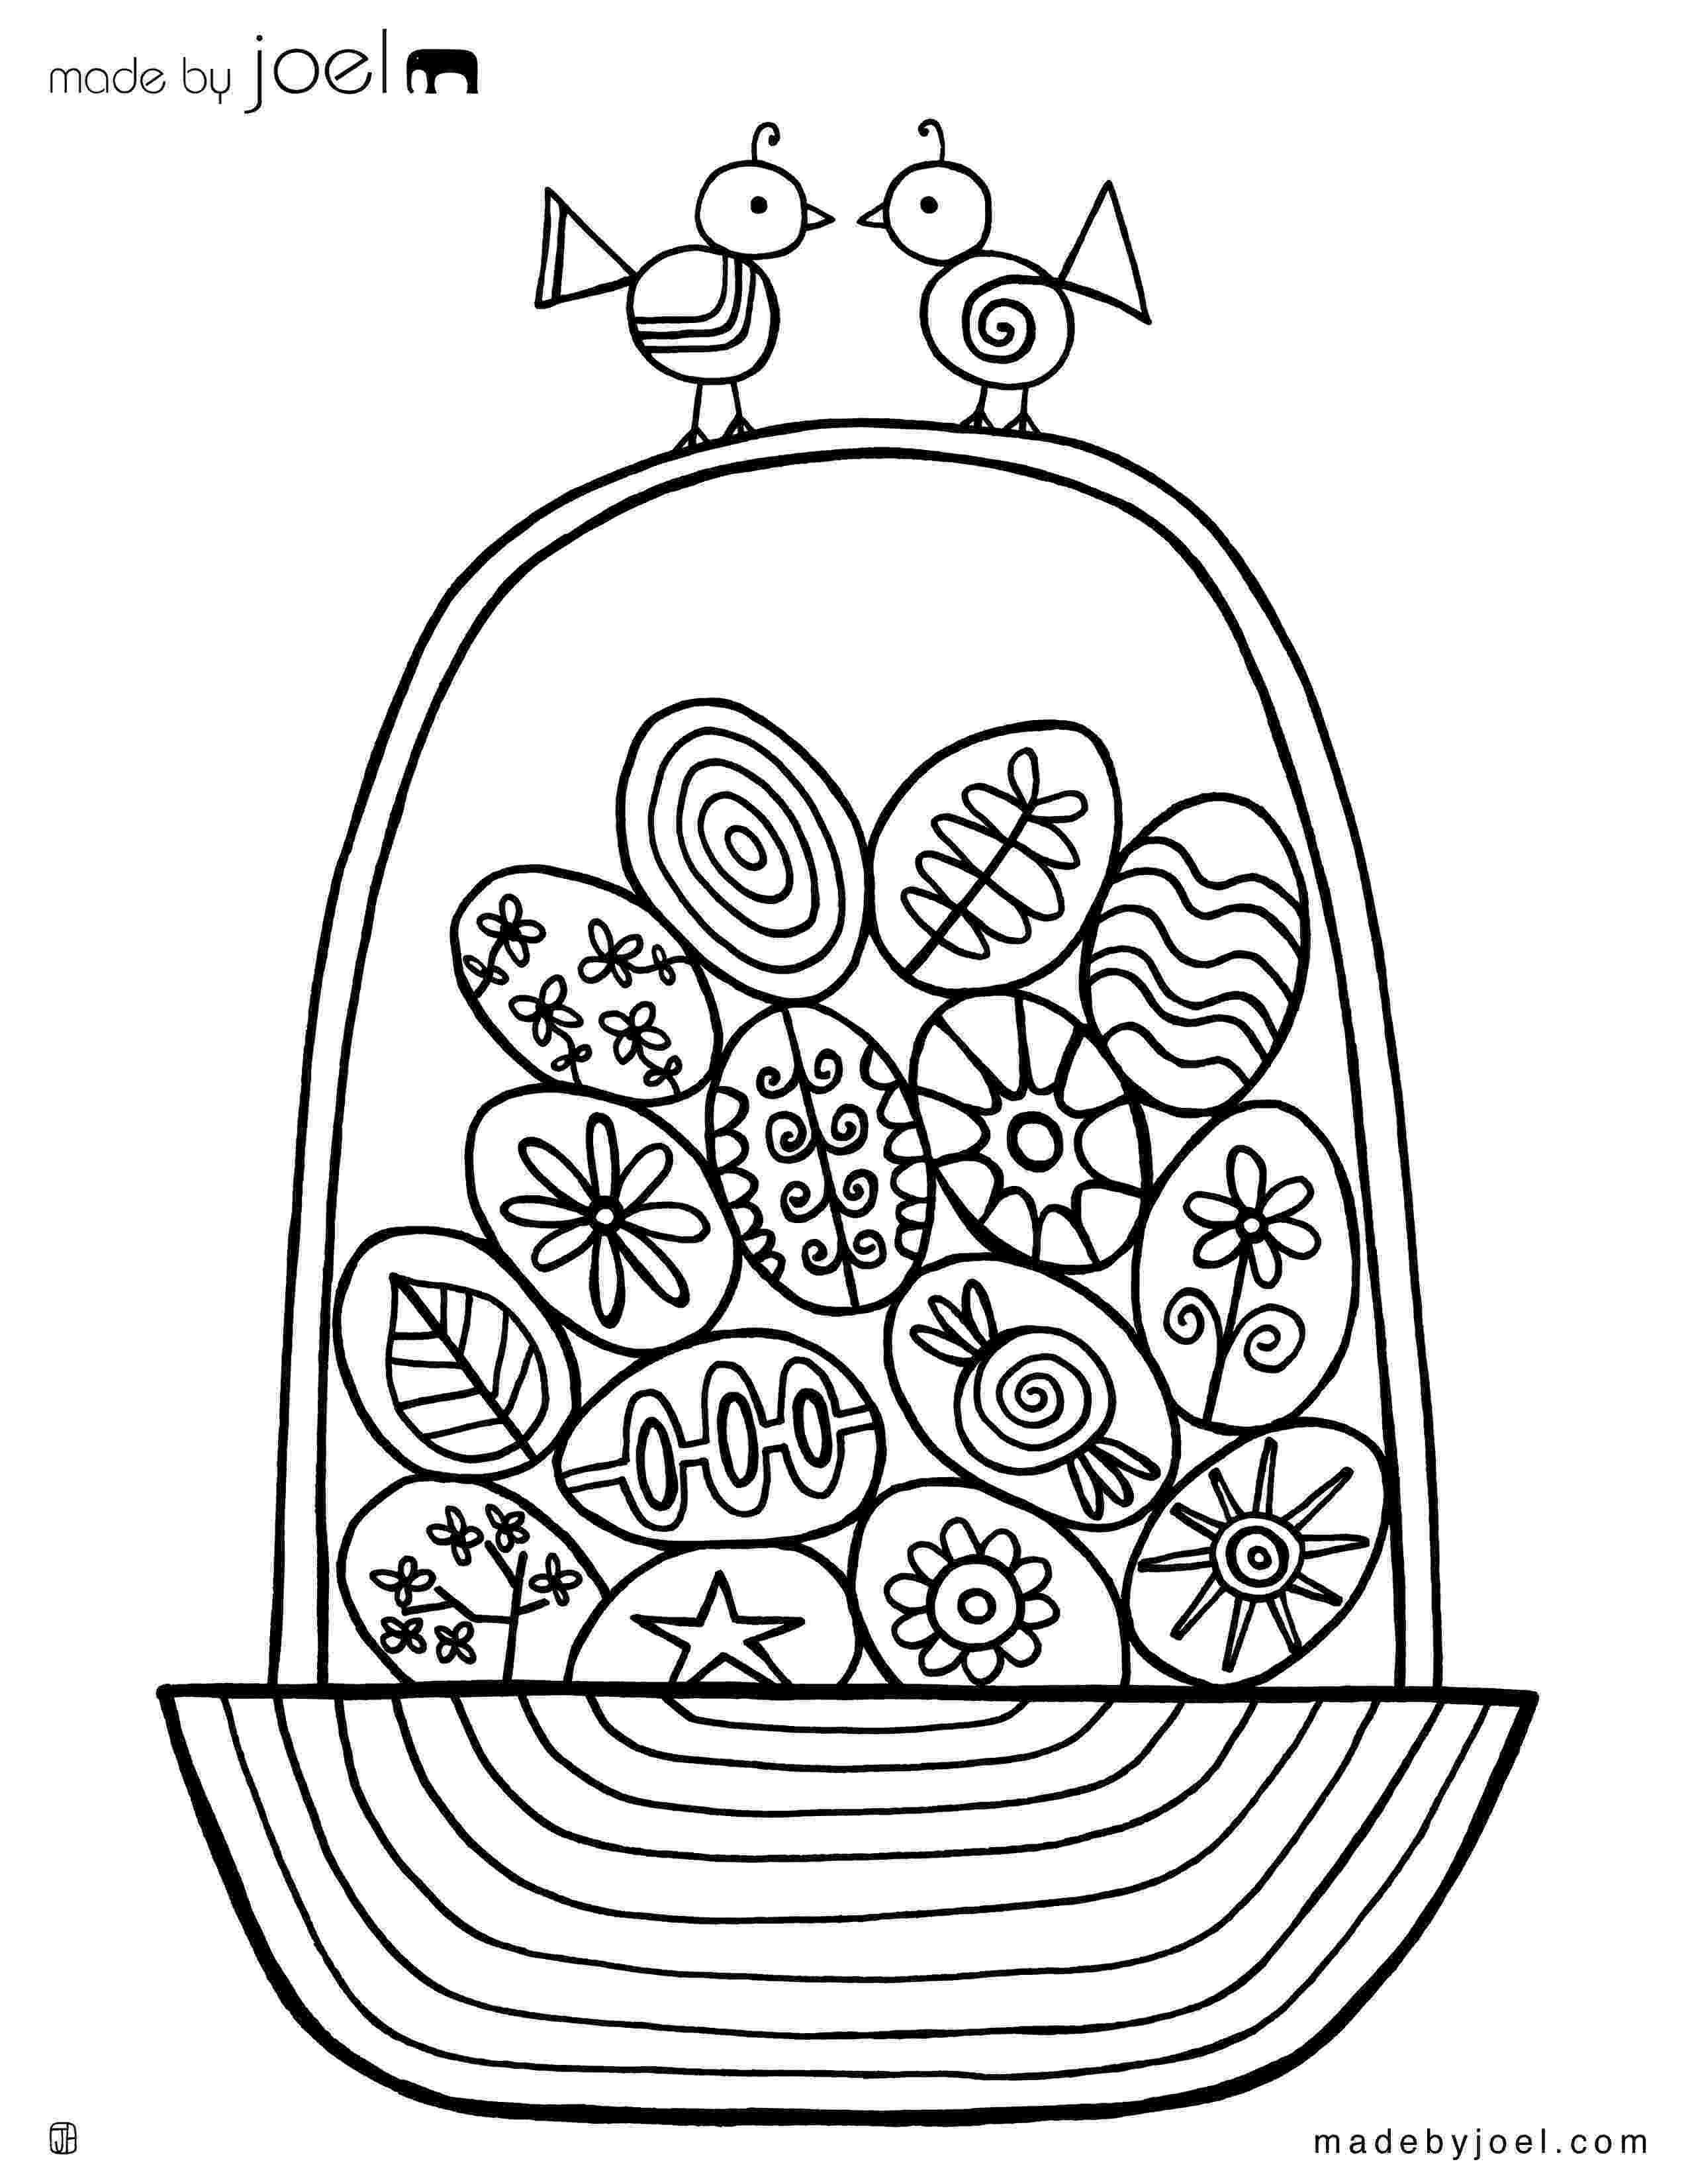 easter basket coloring sheet easter basket printable coloring pages hd easter images easter sheet basket coloring